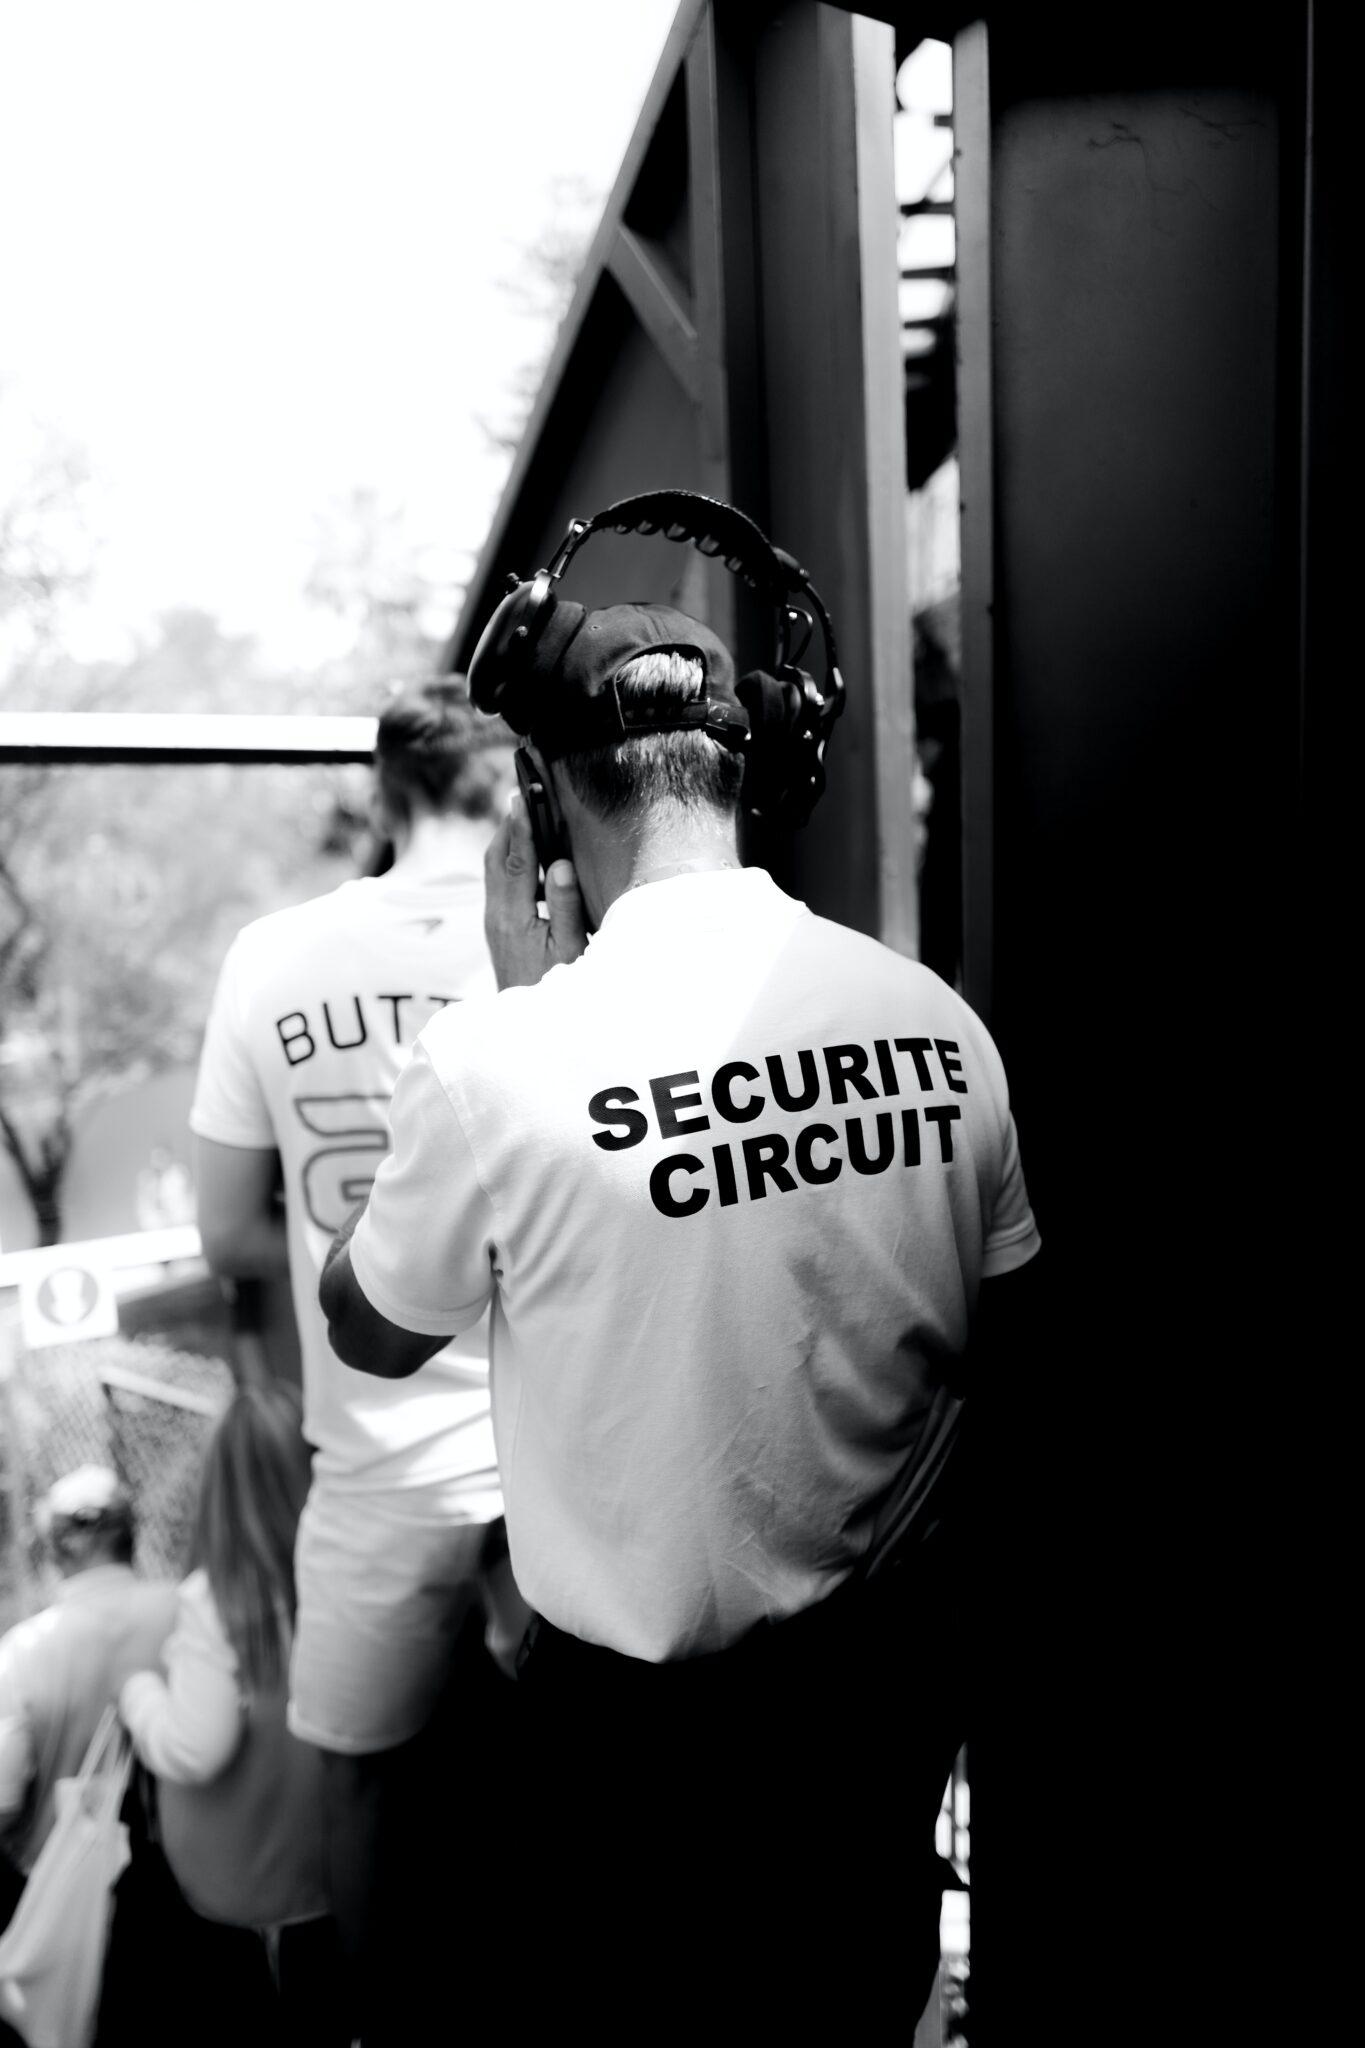 Jakie są zalety korzystania z usług, które oferuje agencja ochrony?